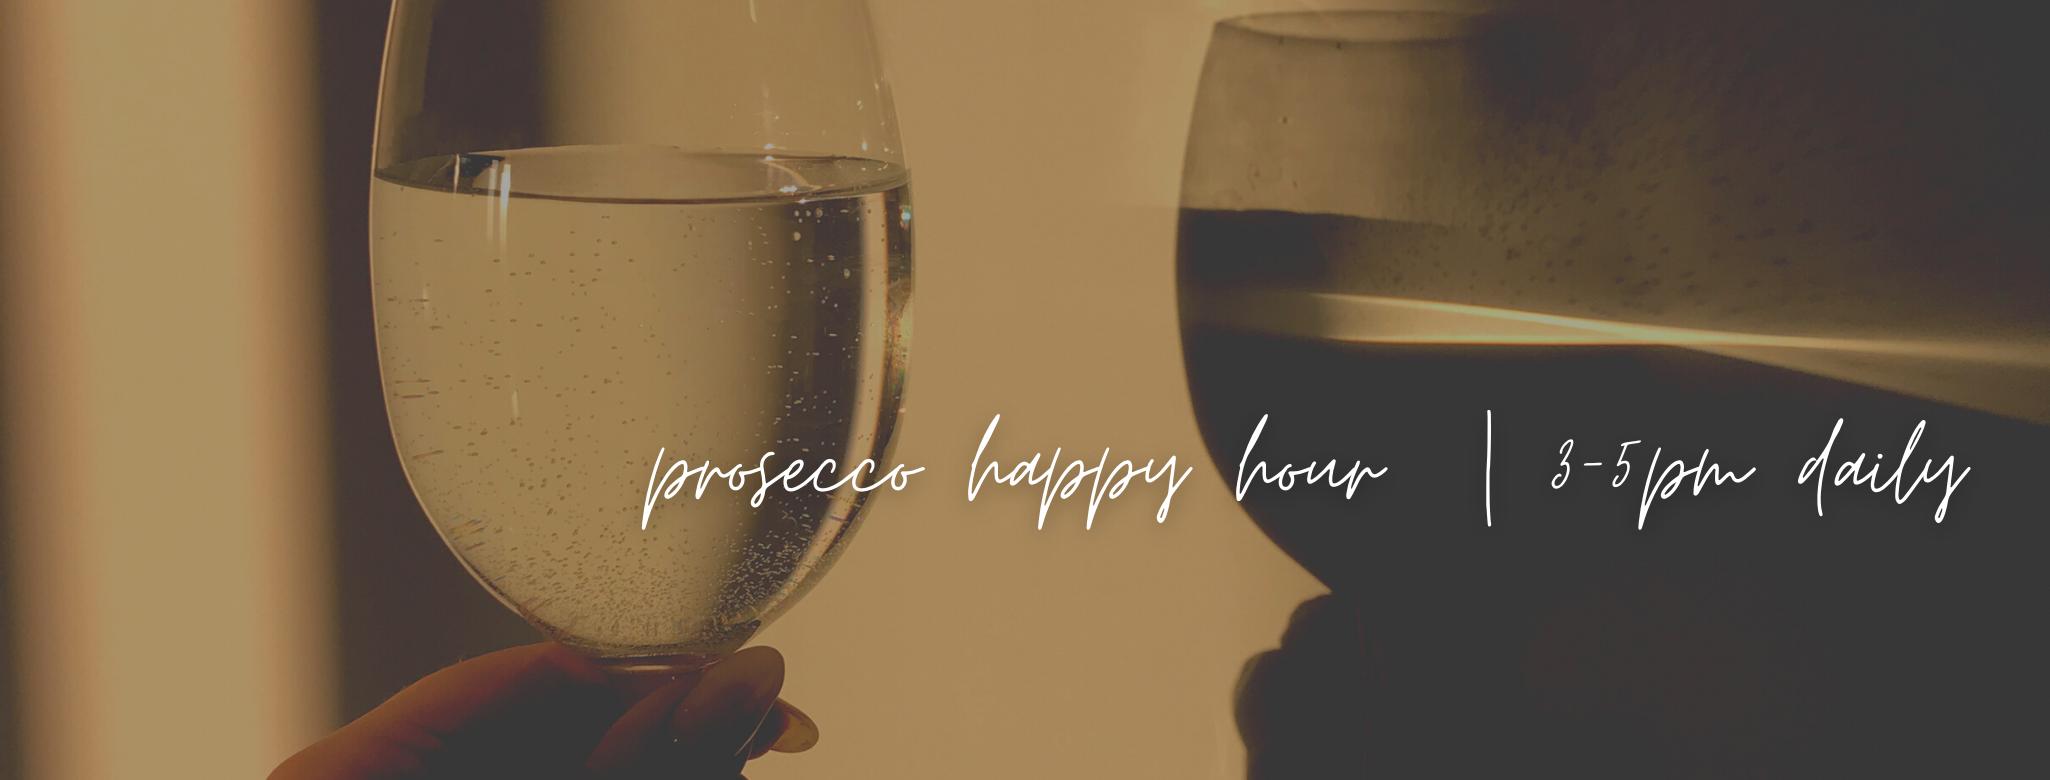 Prosecco Happy Hour   3-5pm